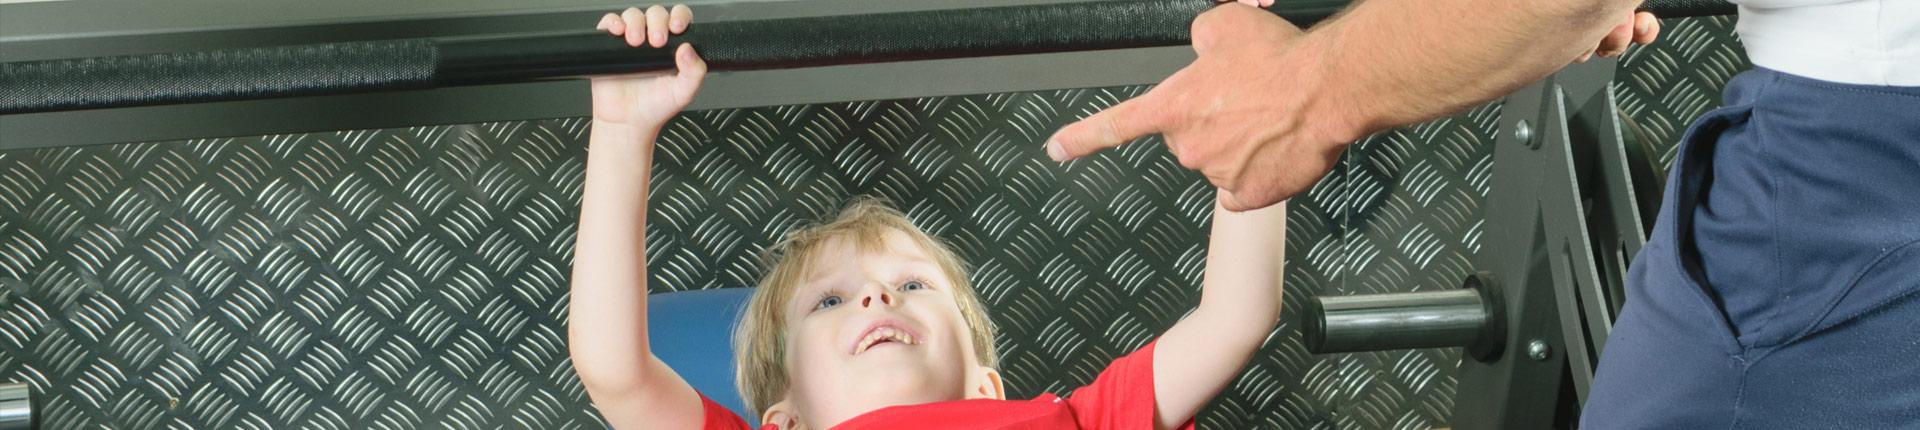 Czy trening siłowy jest bezpieczny dla dzieci?